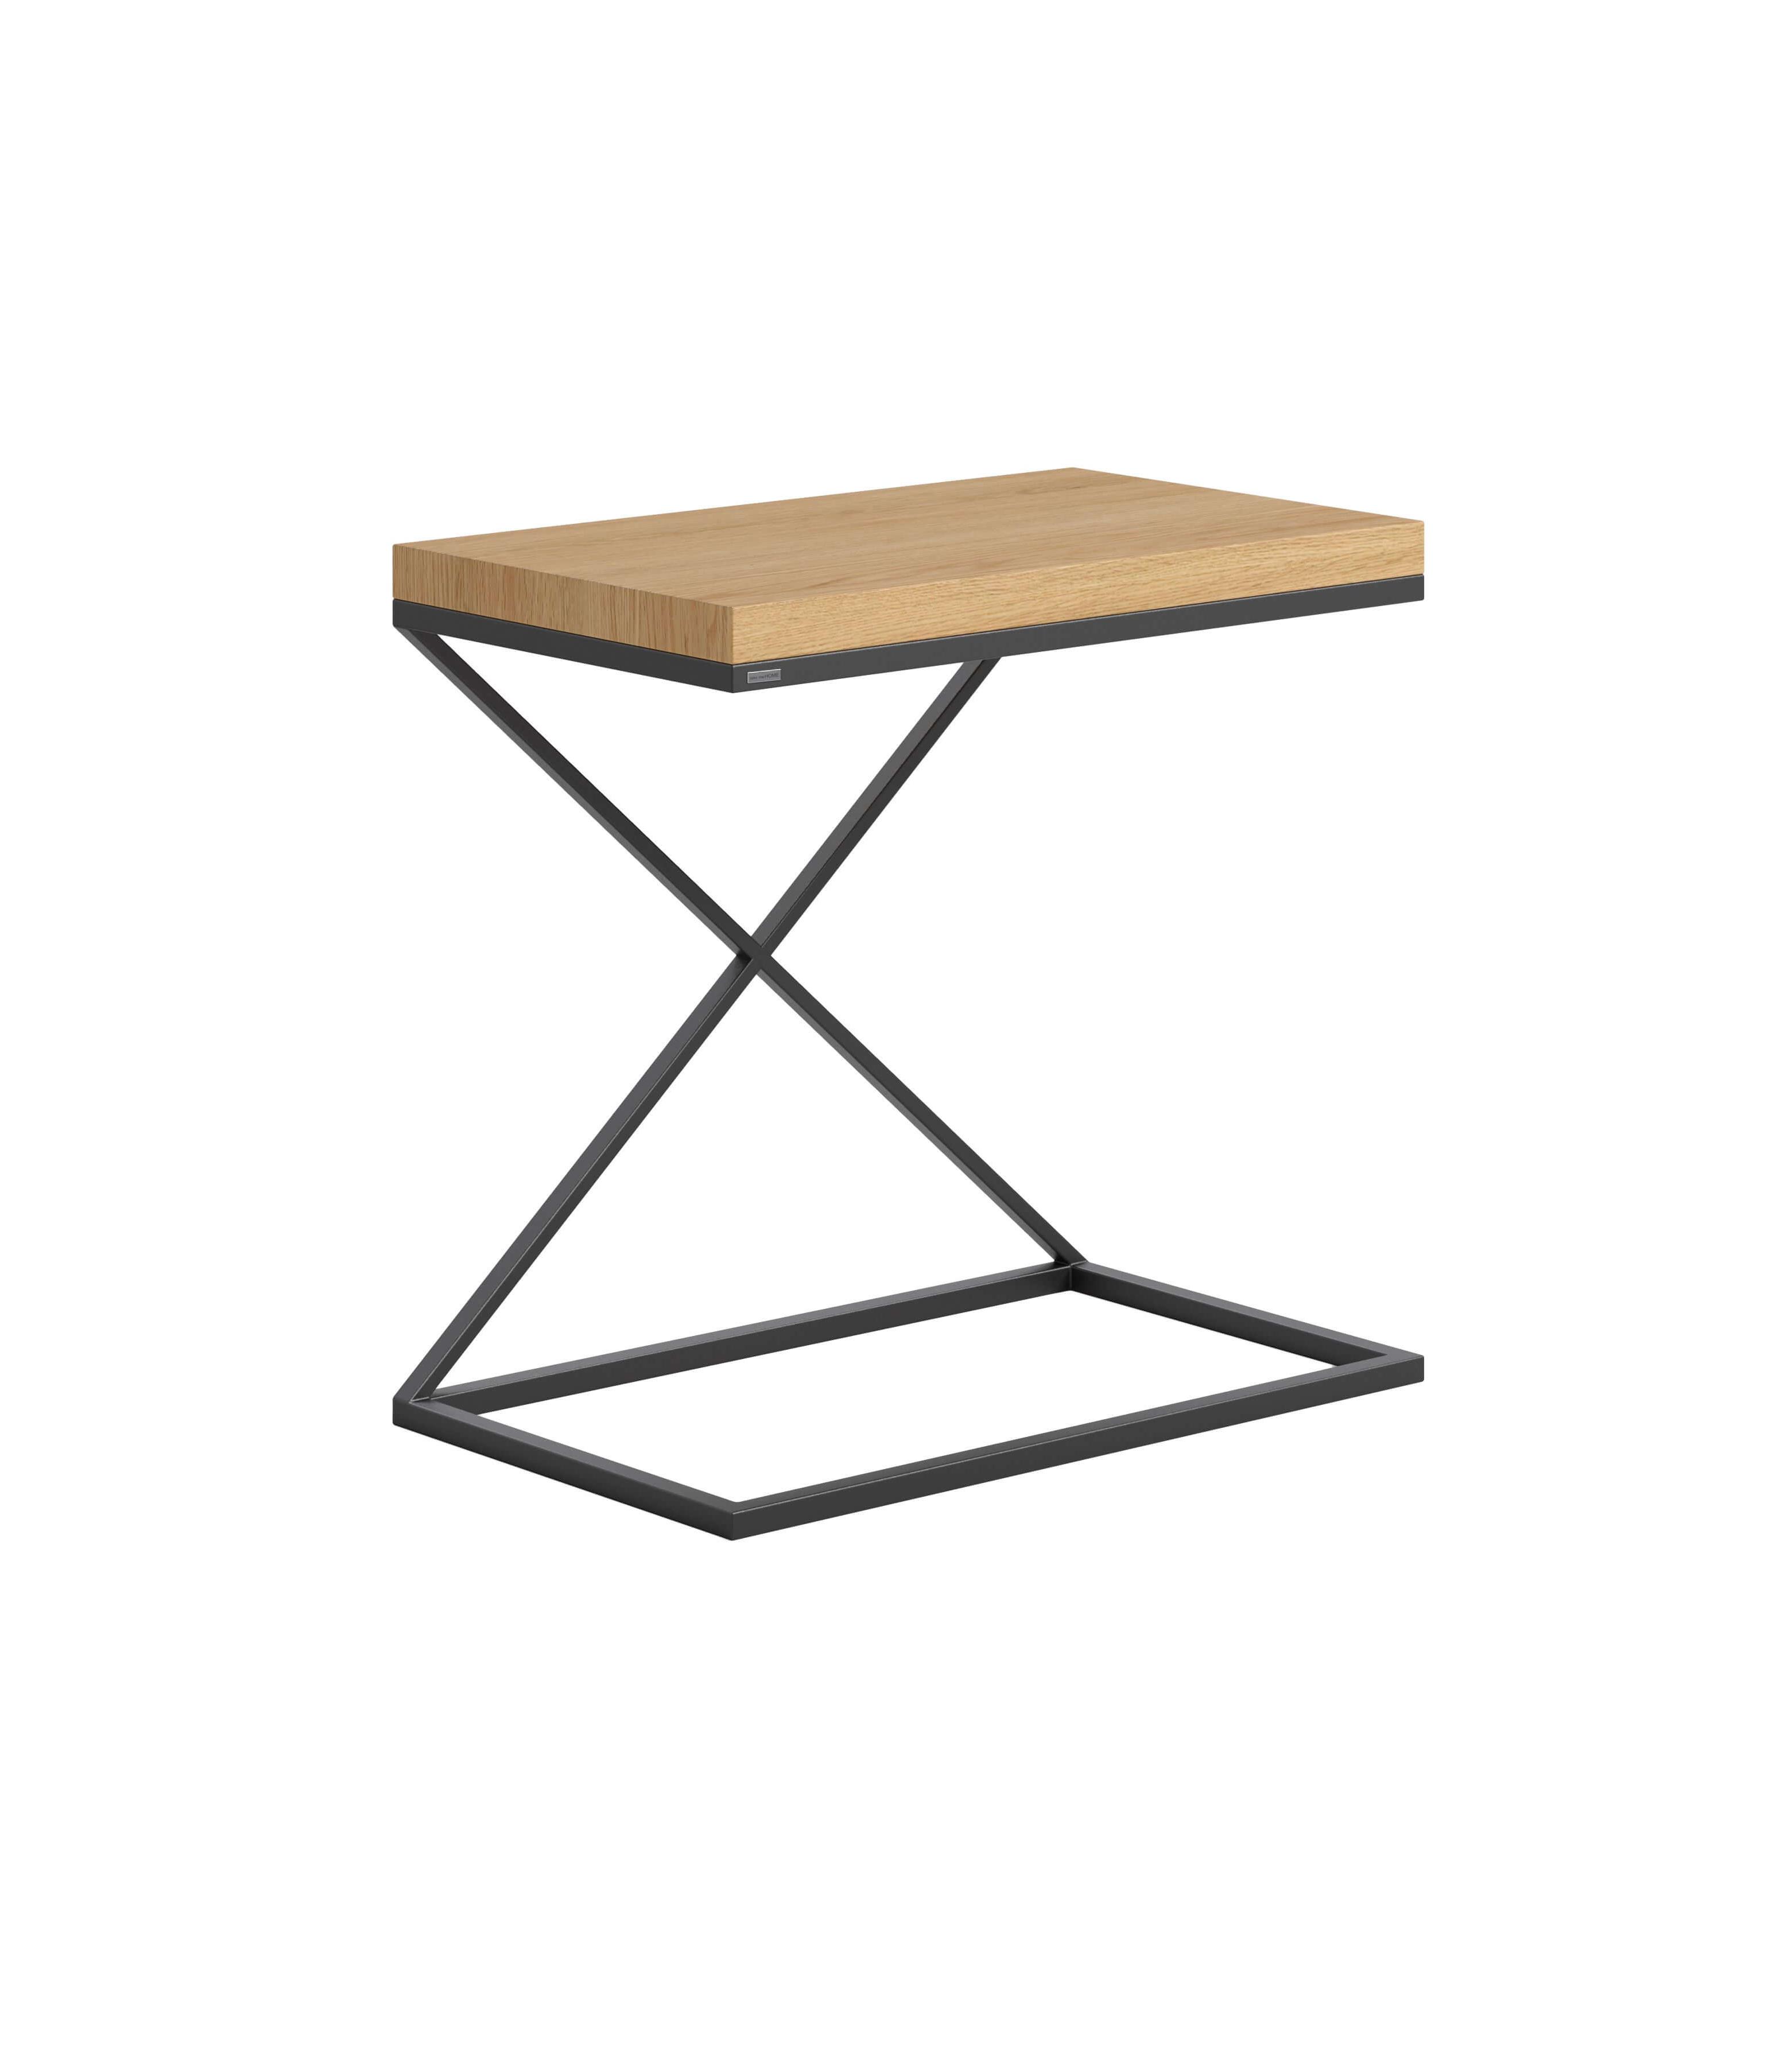 stolik pomocniczy nowoczesny minimalistyczny